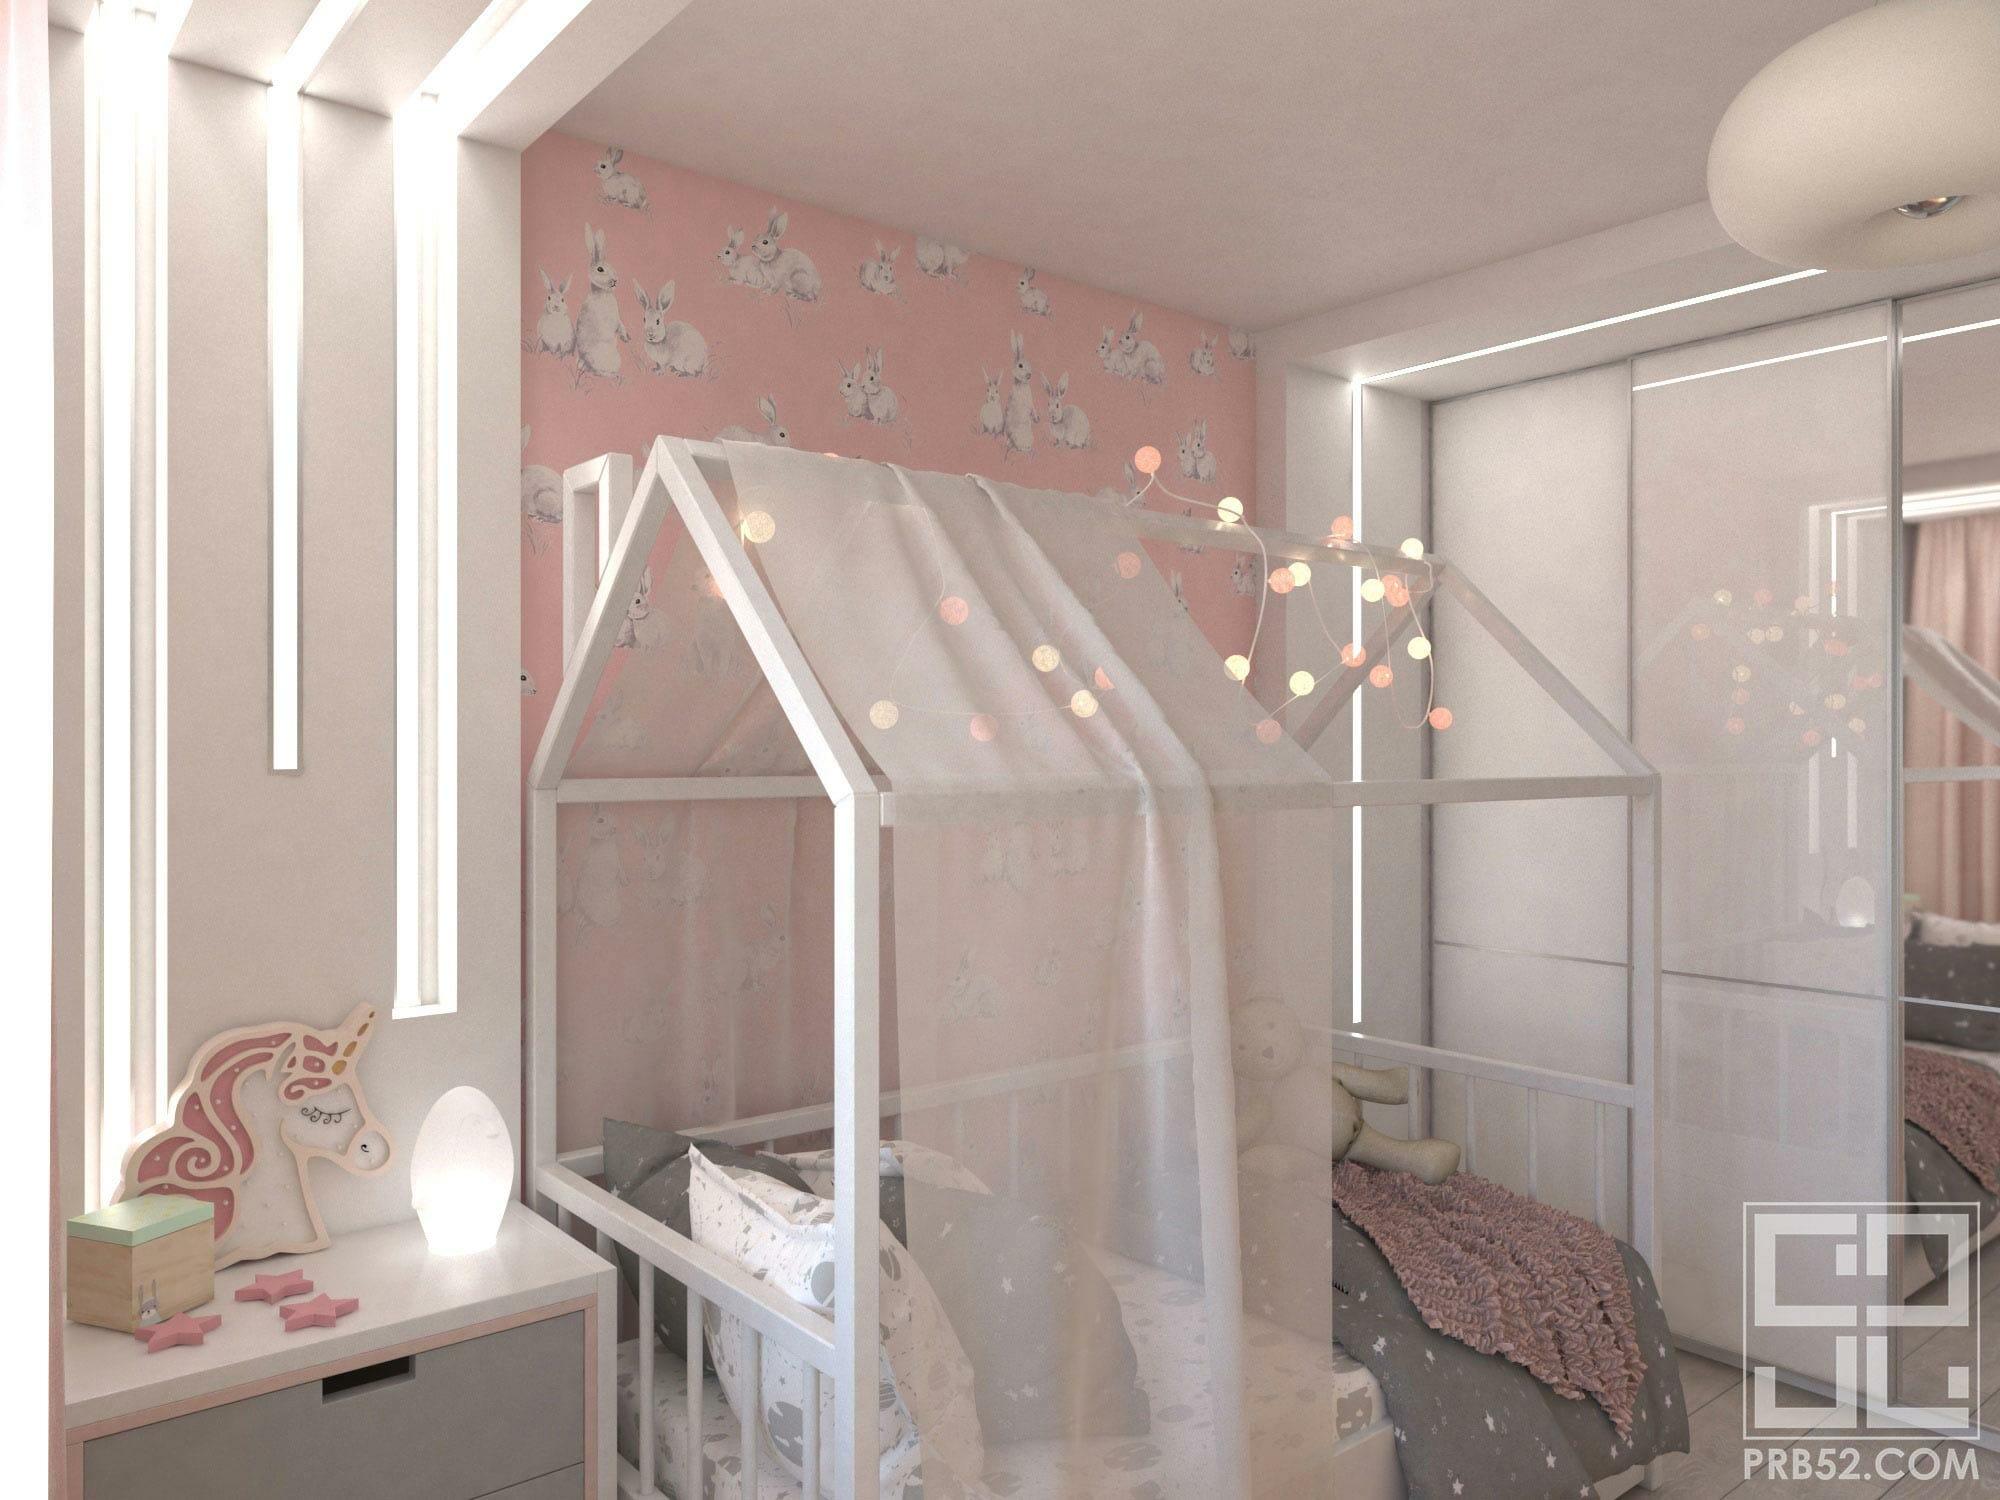 дизайн интерьера детской комнаты для девочки с балдахином